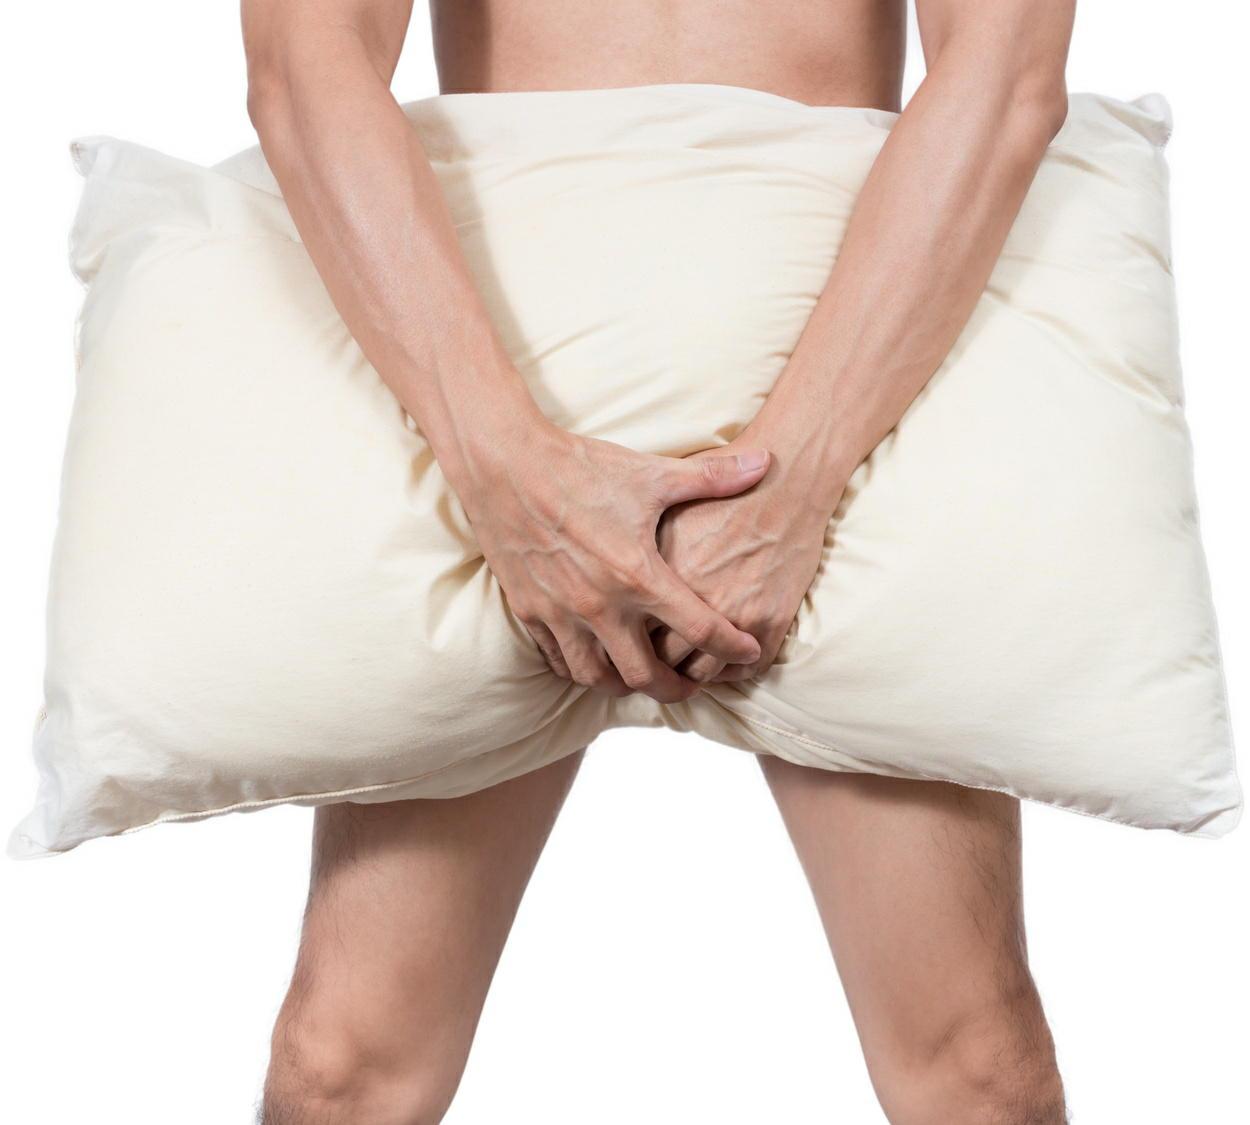 糖尿病の男性は「ED」(勃起不全)のリスクが高い EDは治療できる